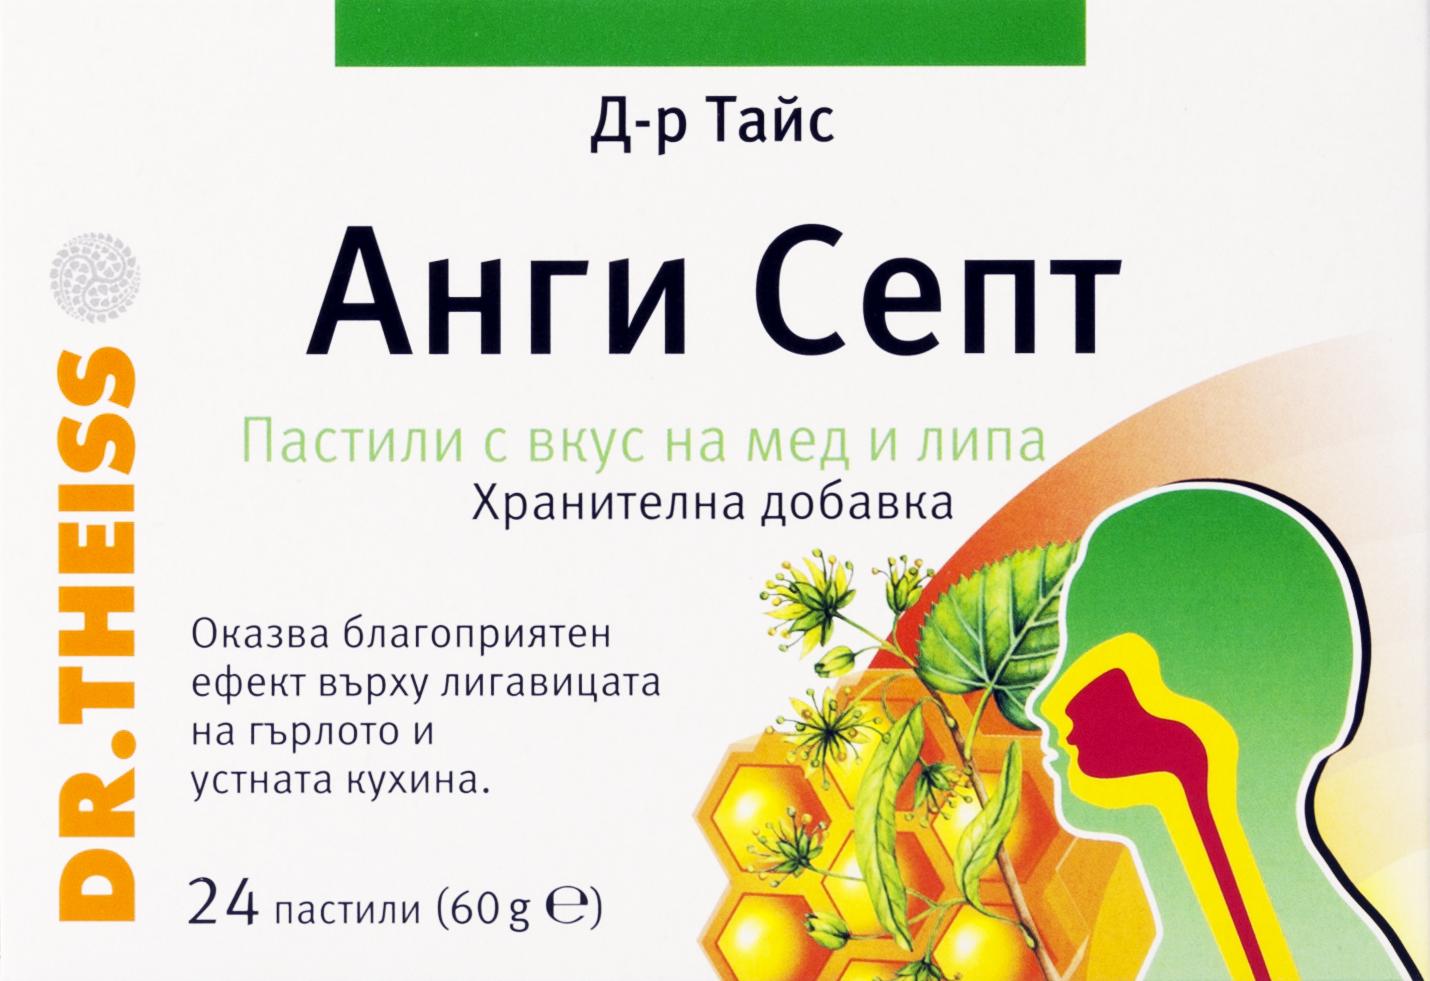 Д-р Тайс АнгиСепт пастили